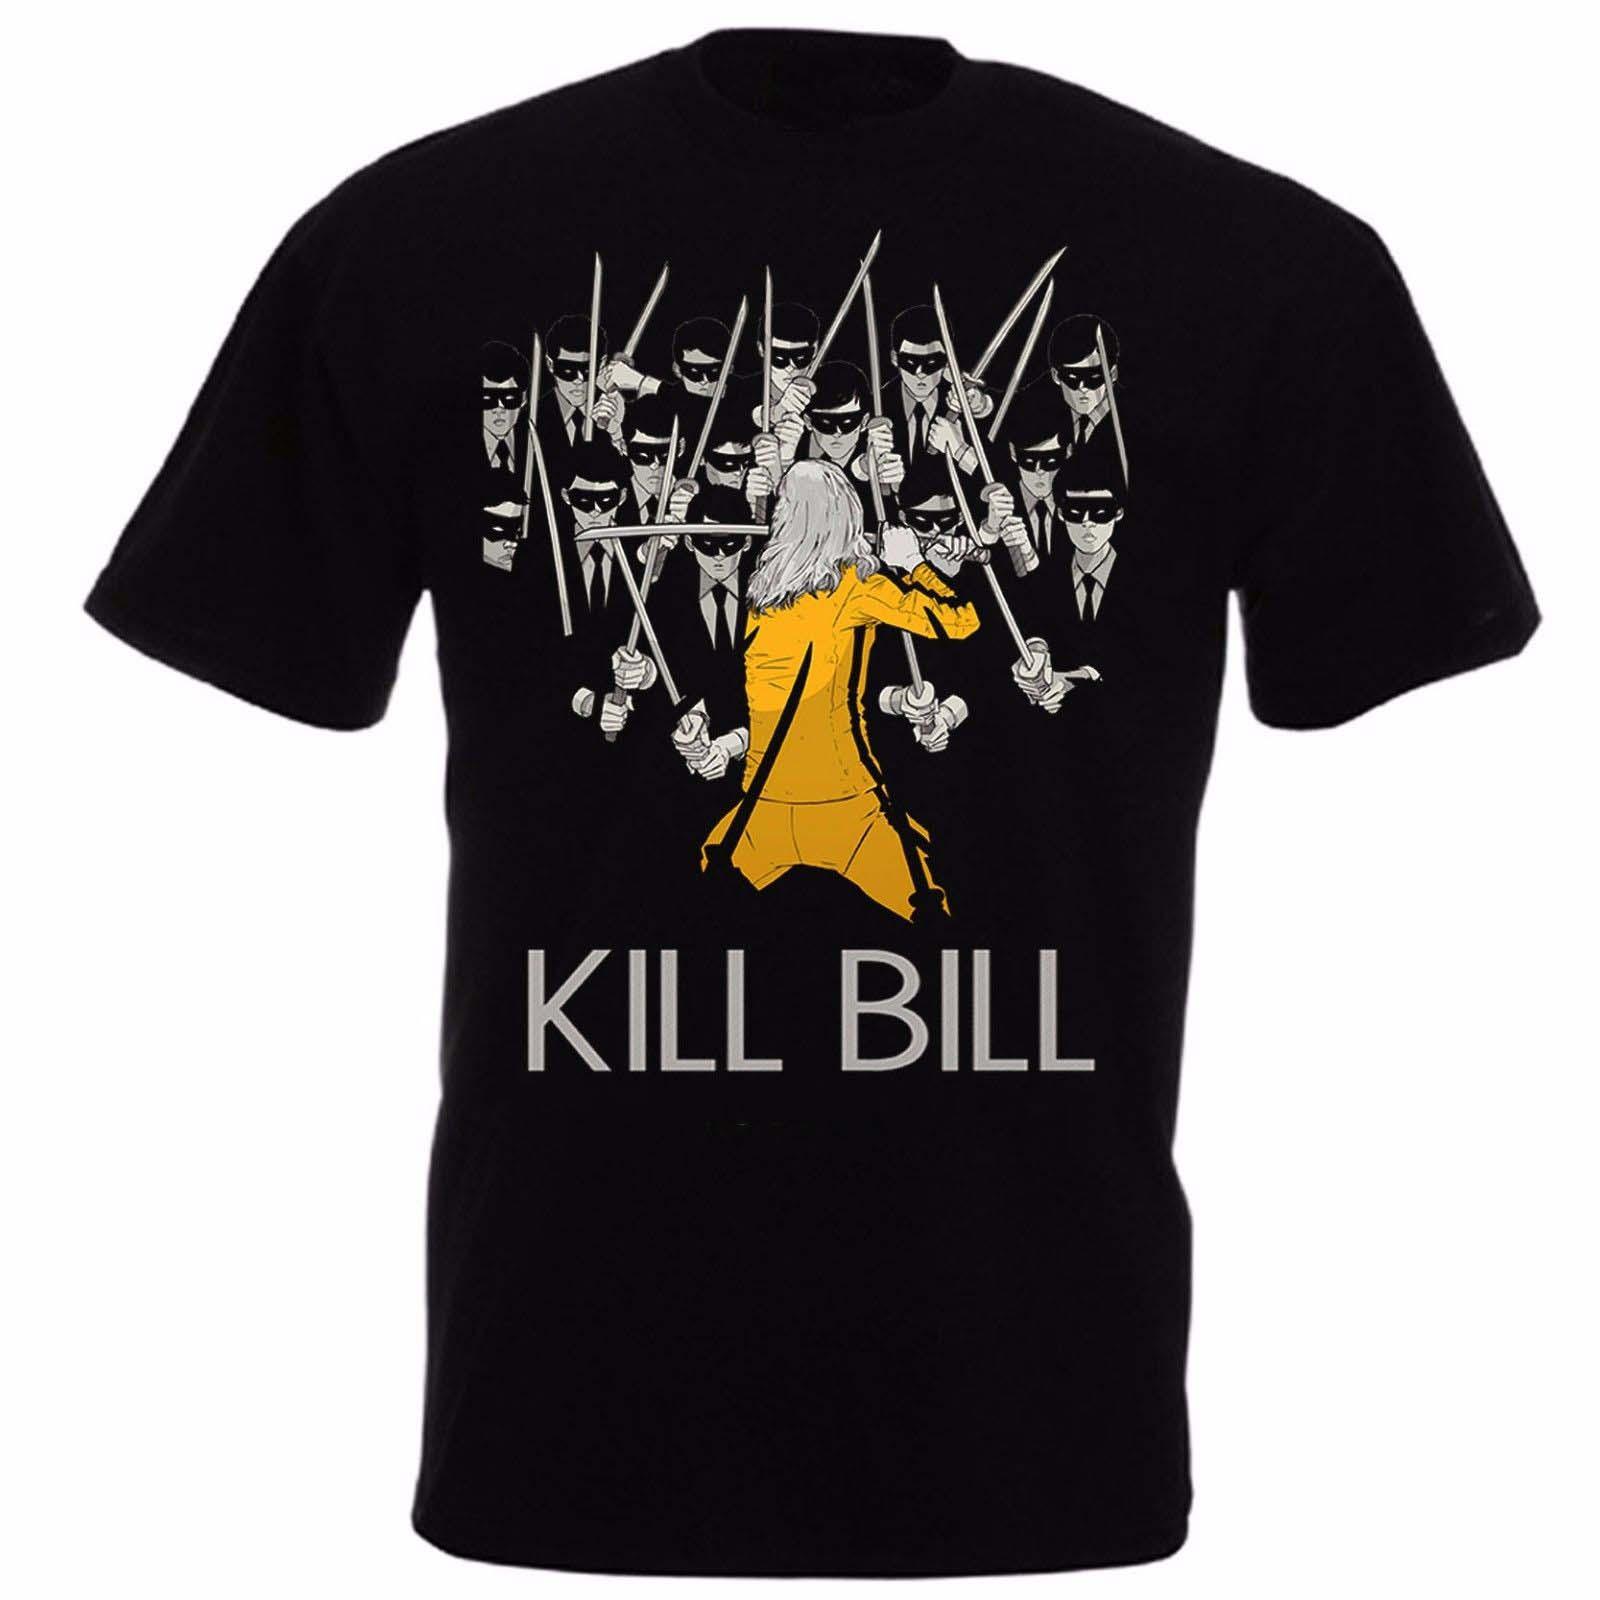 kill-bill-vol-1-by-quentin-font-b-tarantino-b-font-uma-thurman-as-black-mamba-movie-t-shirt